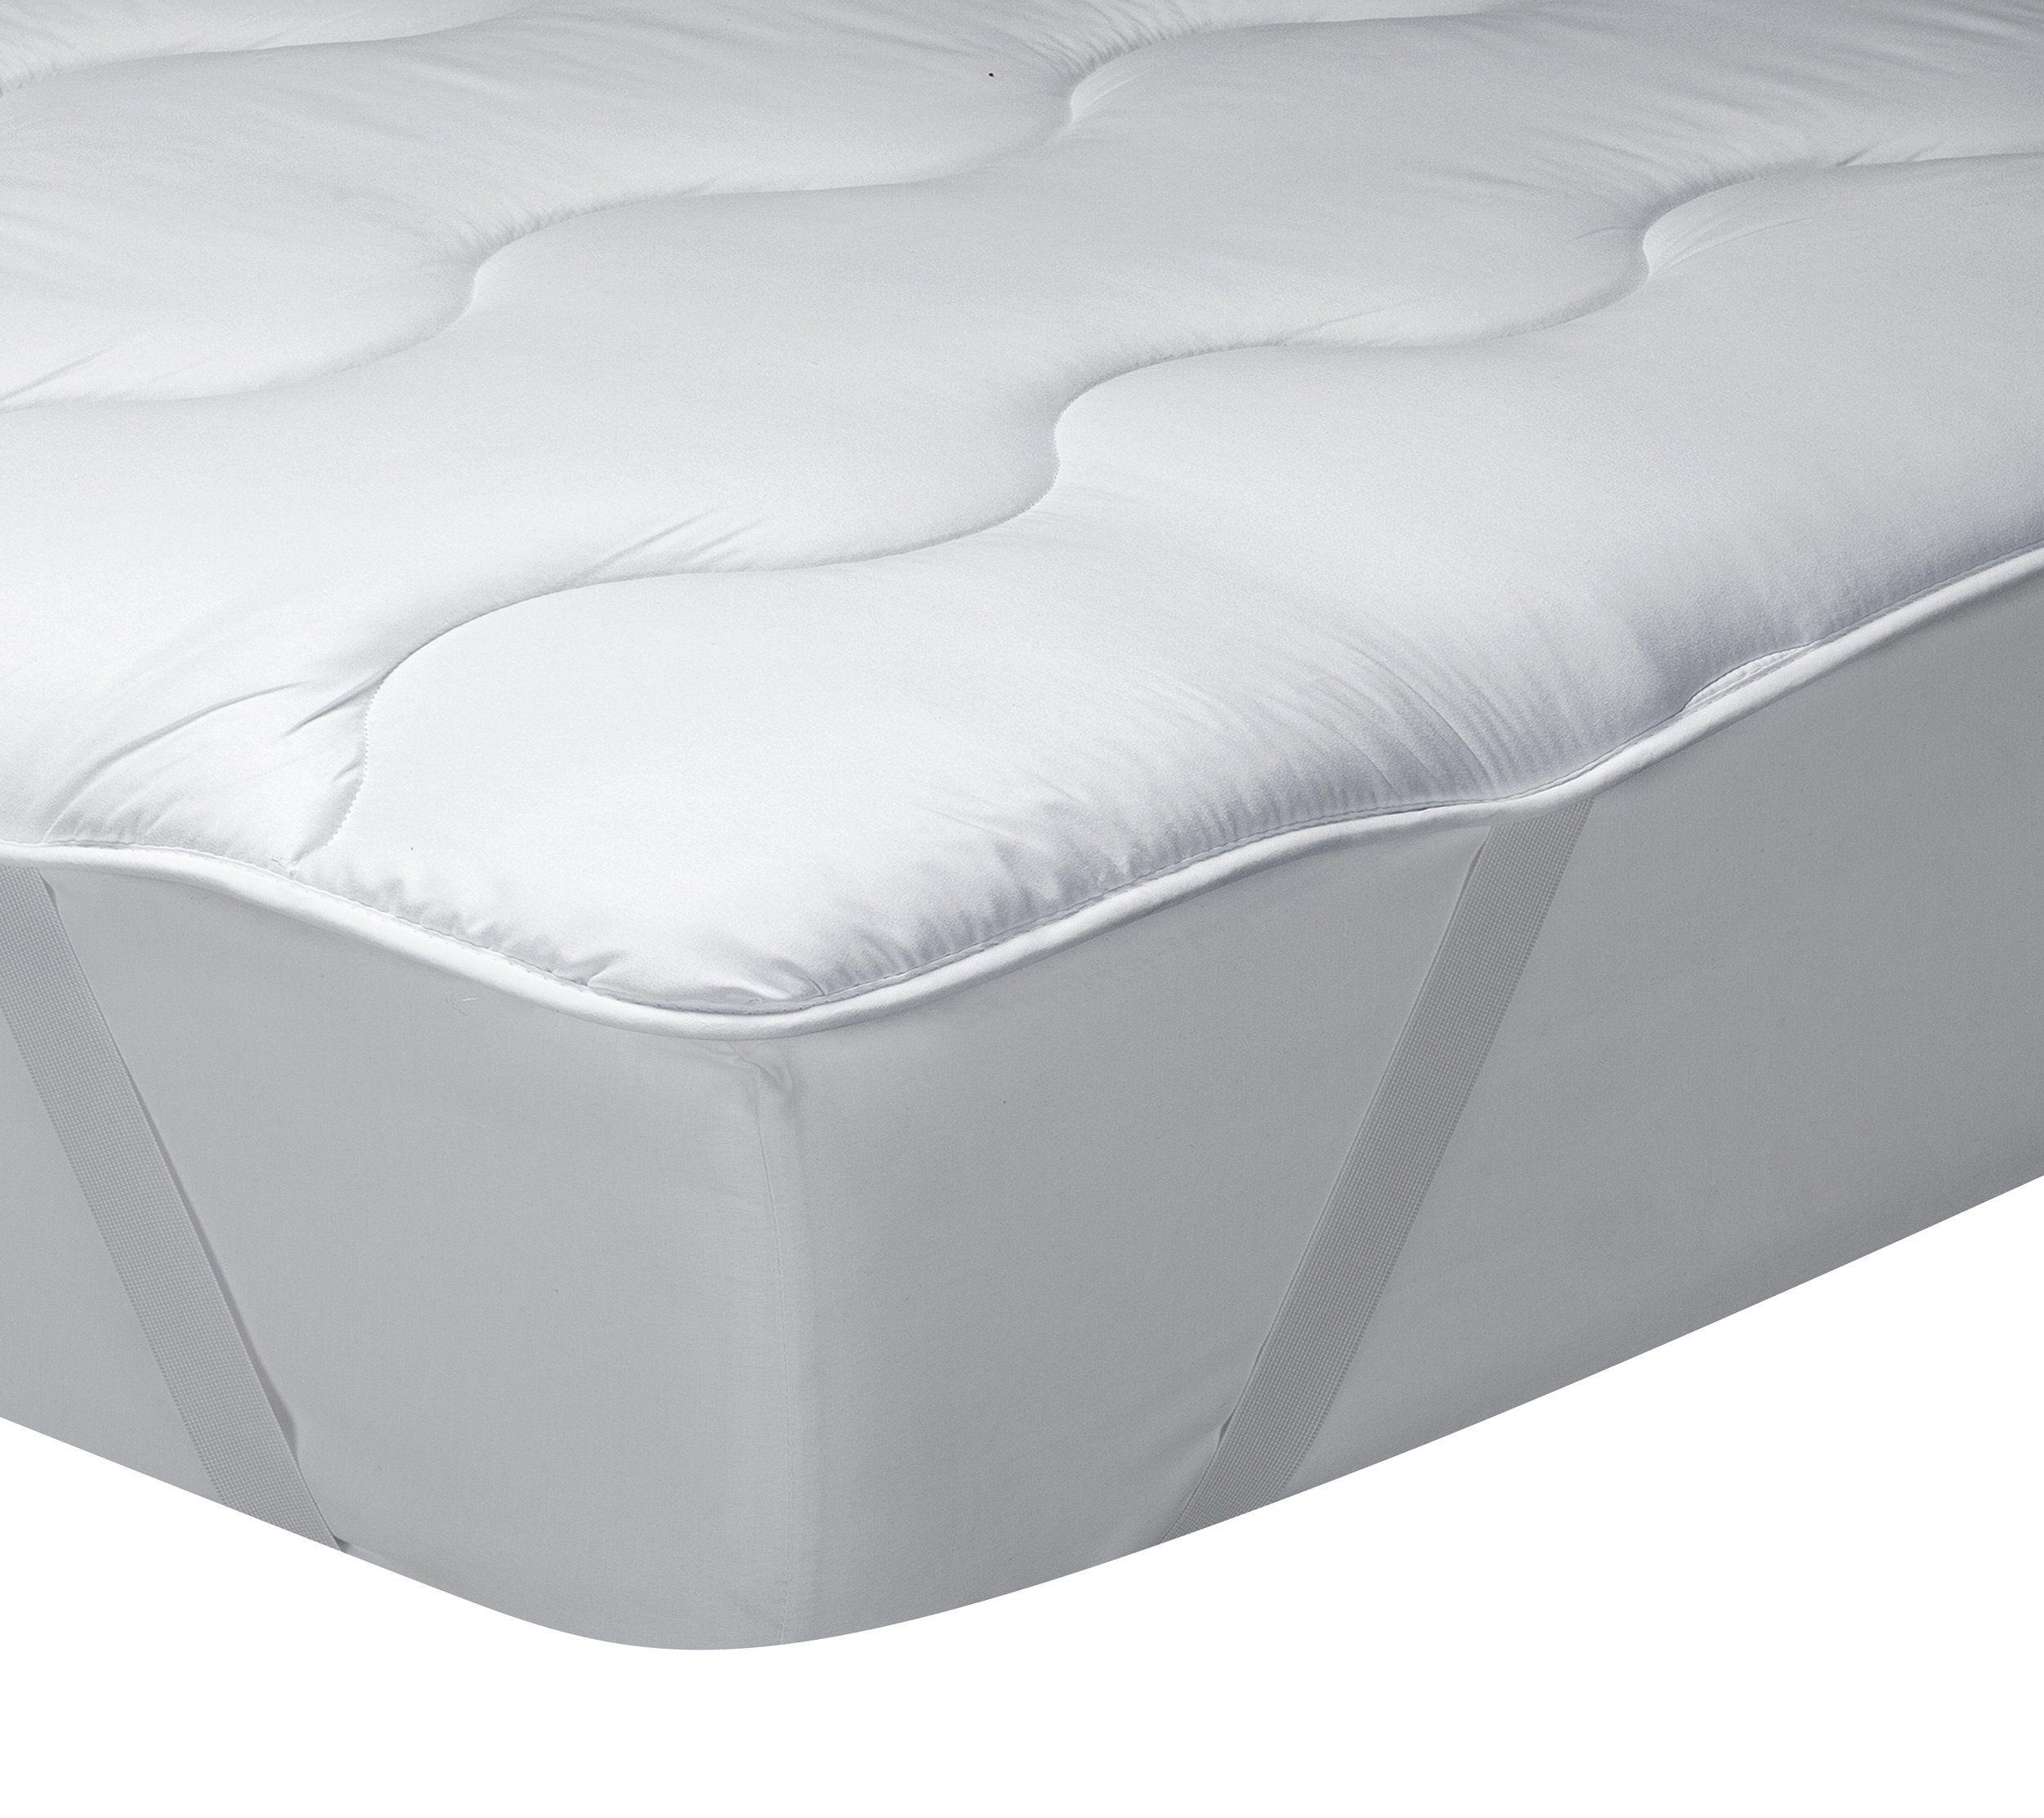 Classic Blanc Surmatelas En Fibre Hypoallergenique Confort Medium Ferme Epaisseur 3cm 135x190 Cm Lit 135 En 2020 Surmatelas Lit Blanc